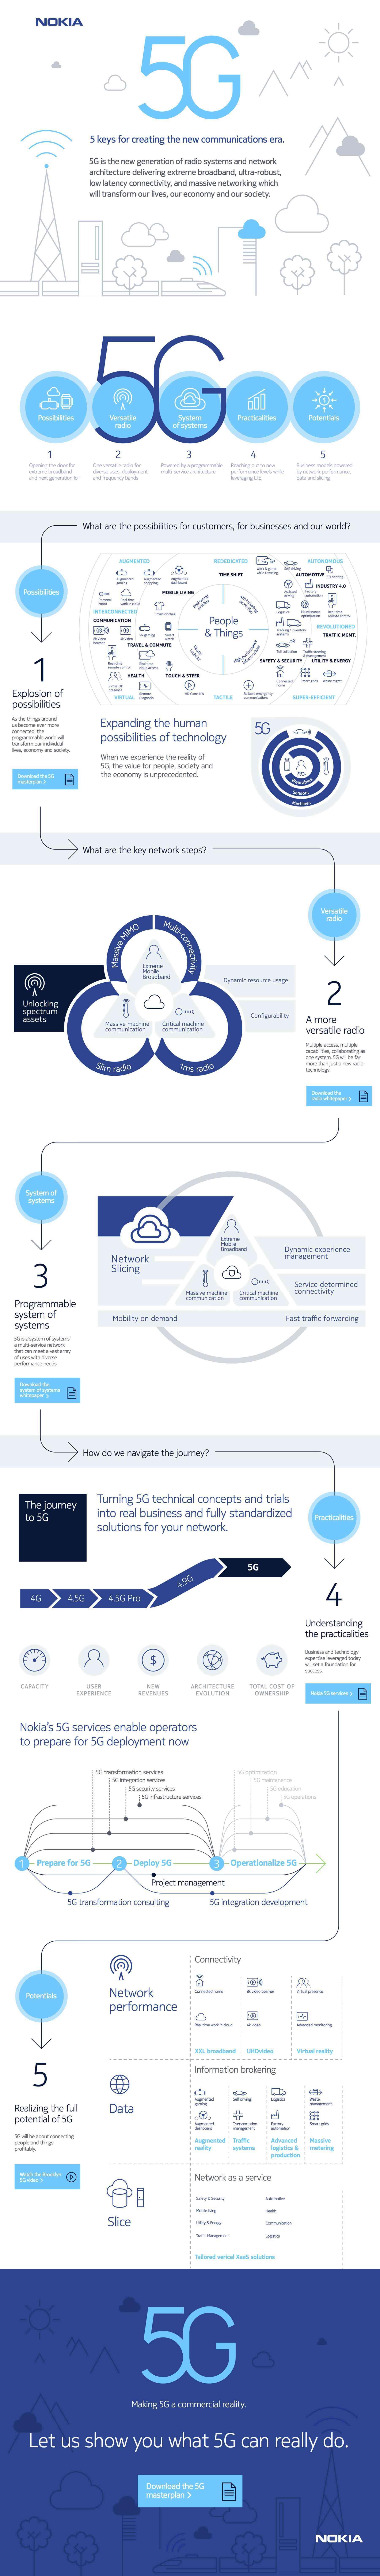 Nokia crea la primera conexión 5GTF empleando la plataforma de pruebas móviles 5G de Intel 3